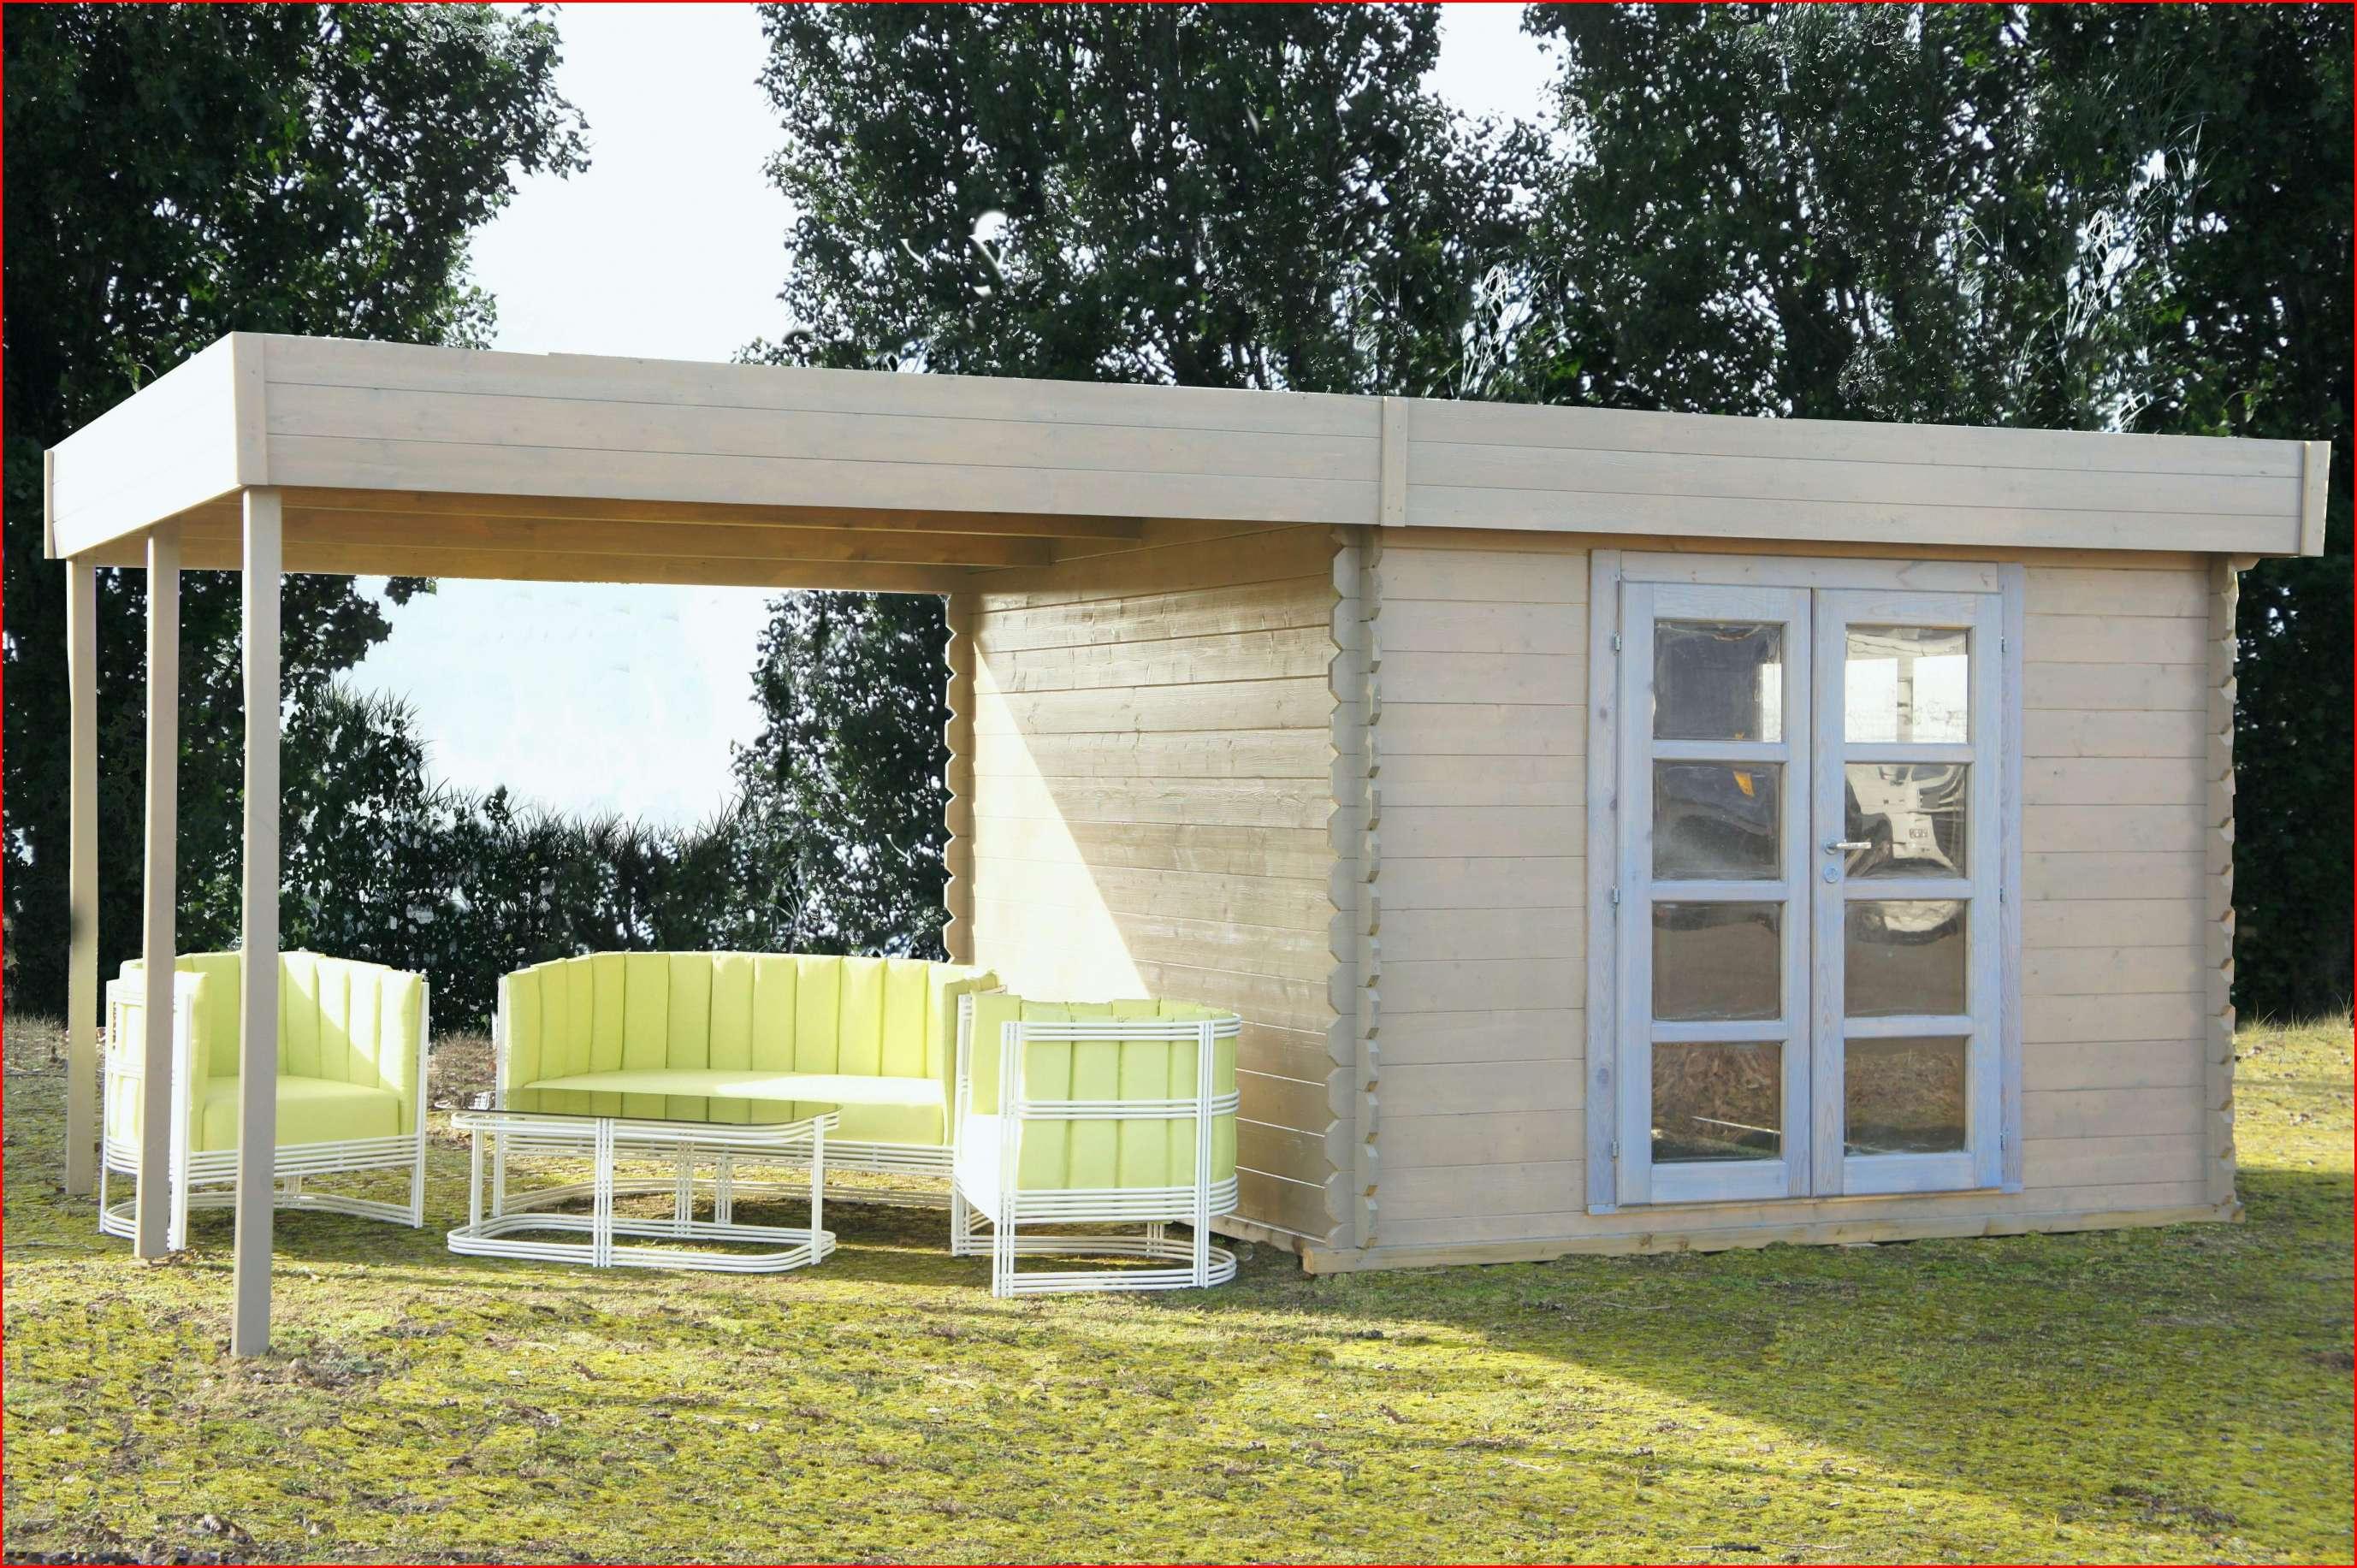 Cabane De Jardin Design Abri De Jardin Moderne Toit Plat à Abri De Jardin Design Toit Plat